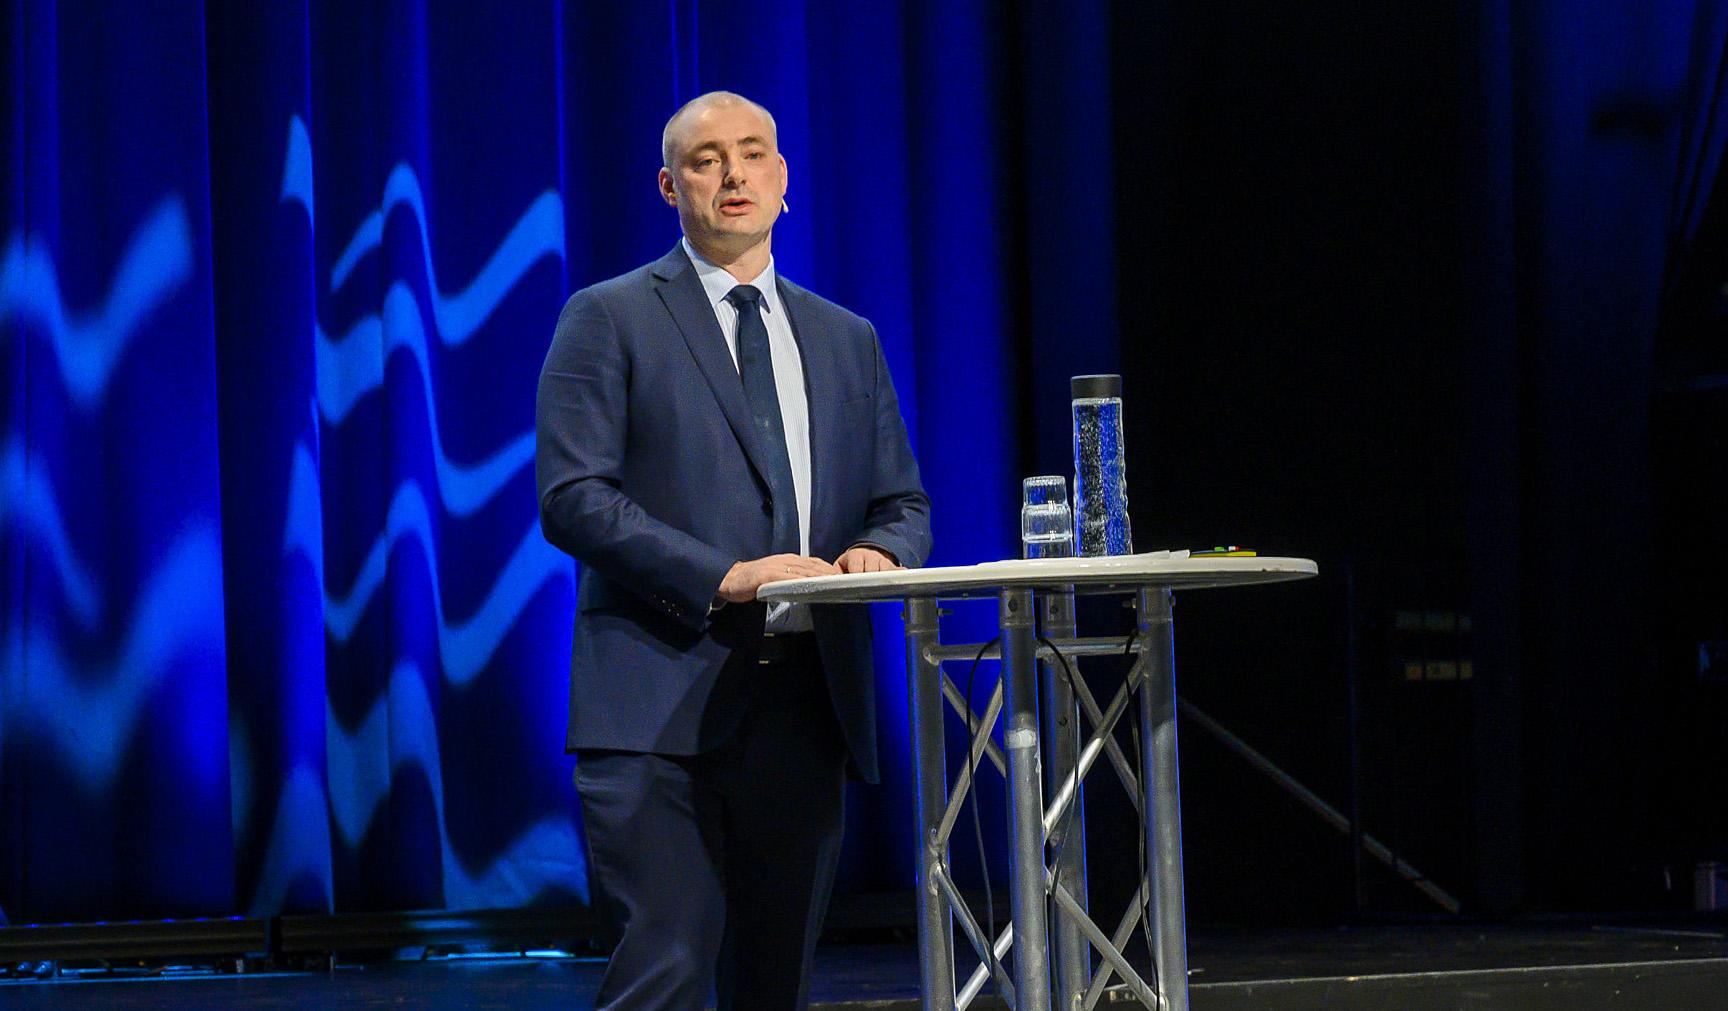 Direktør i Sjømatbedriftene Robert Eriksson